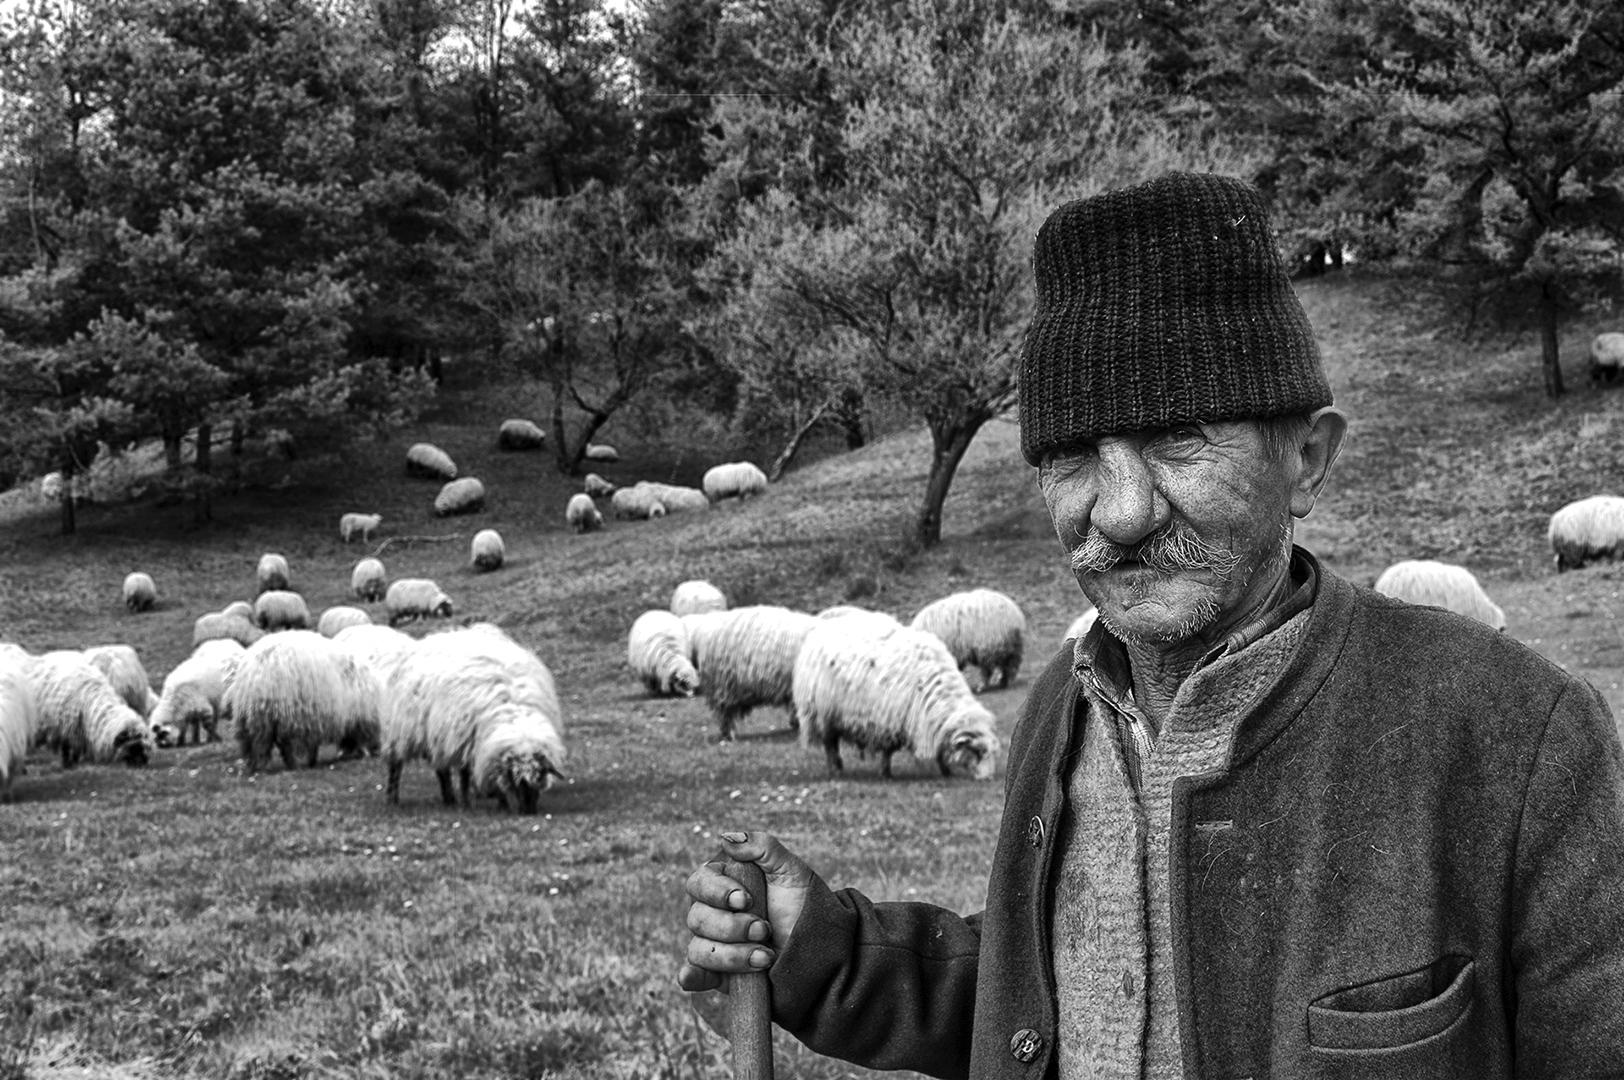 Shepherd Făgăraș, Søren Skov